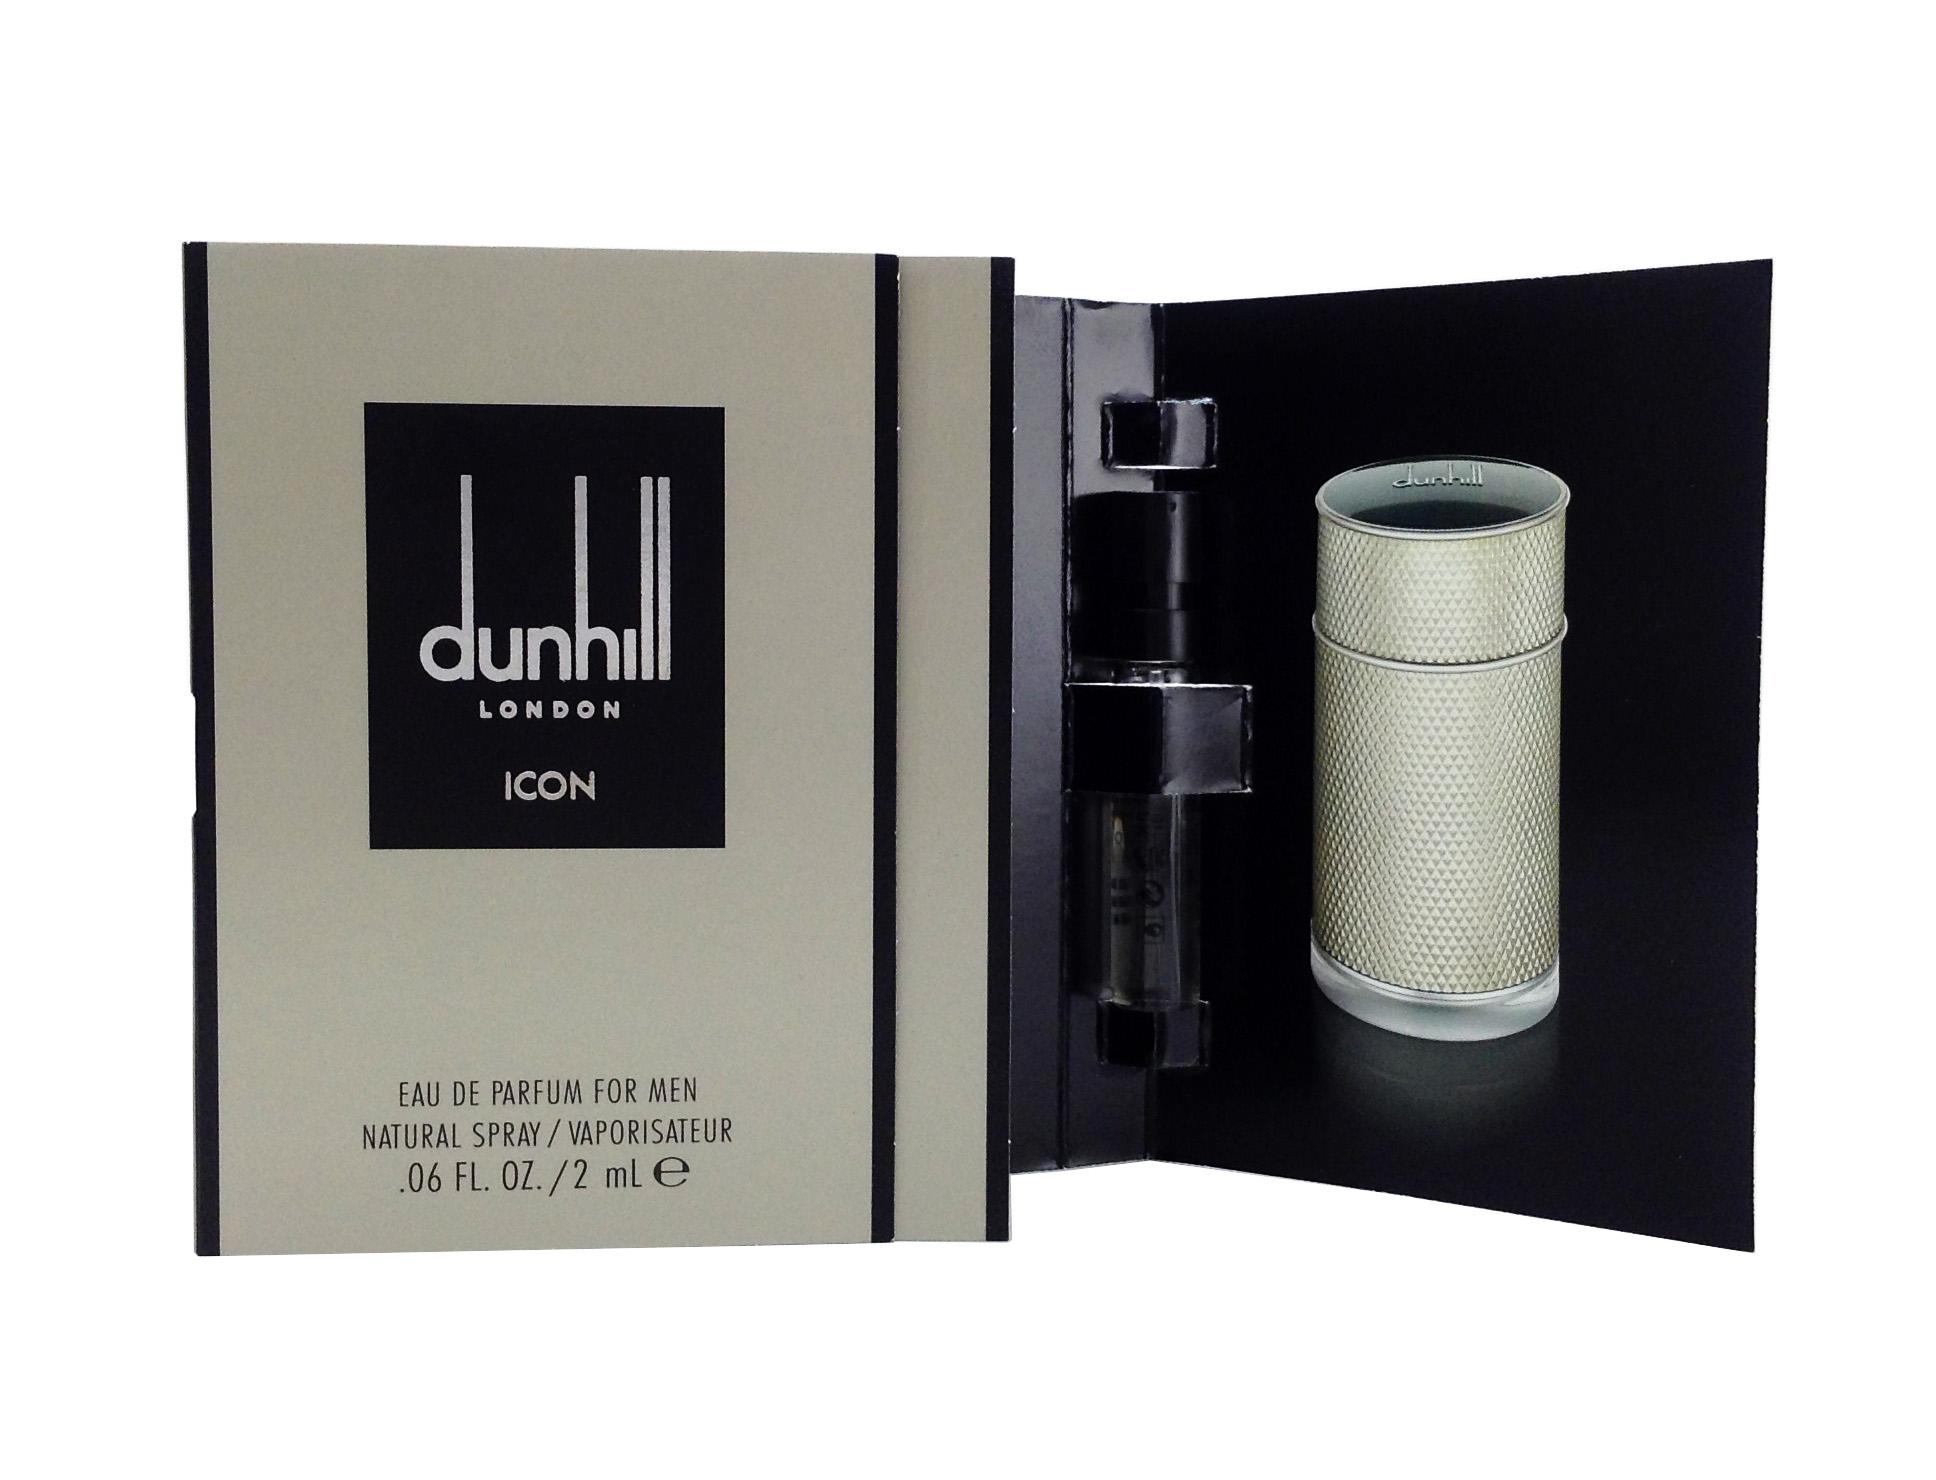 น้ำหอม Dunhill Icon Alfred Eau de Parfum ขนาดทดลอง 2ml.